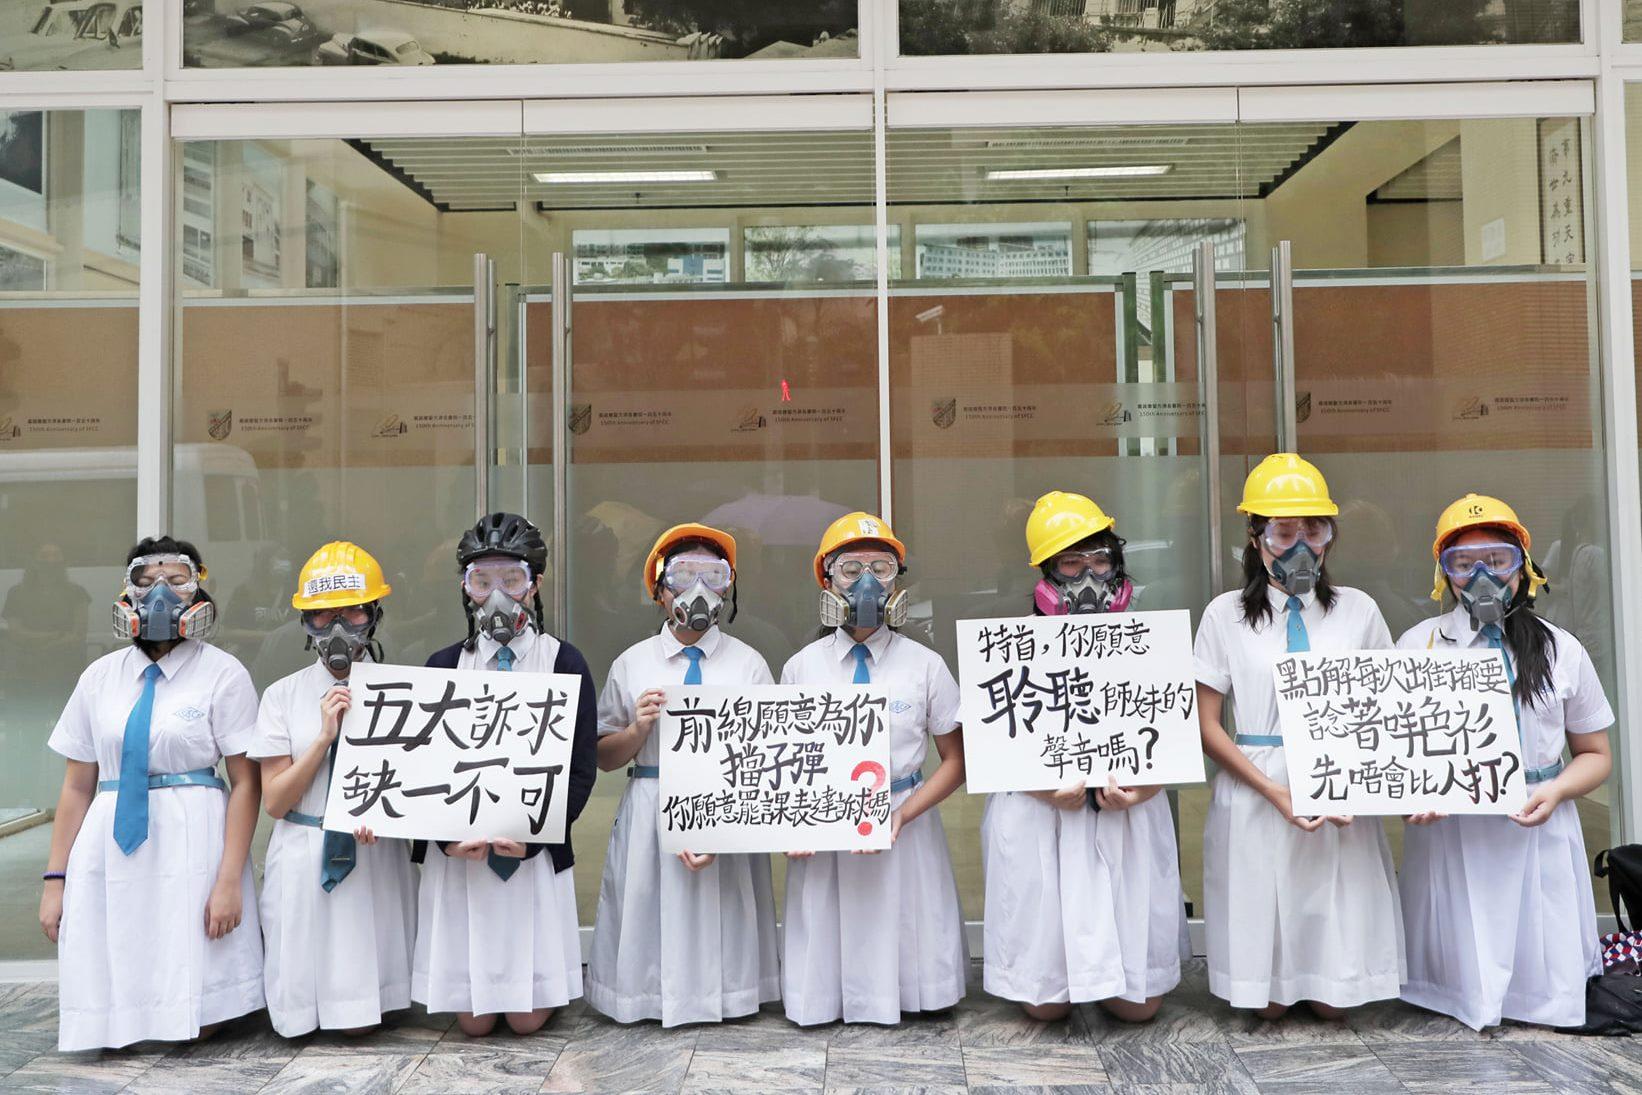 特首林鄭月娥的母校嘉諾撒聖方濟各書院,有多名學生冒雨在校門外下跪近半小時(圖/立場新聞臉書)